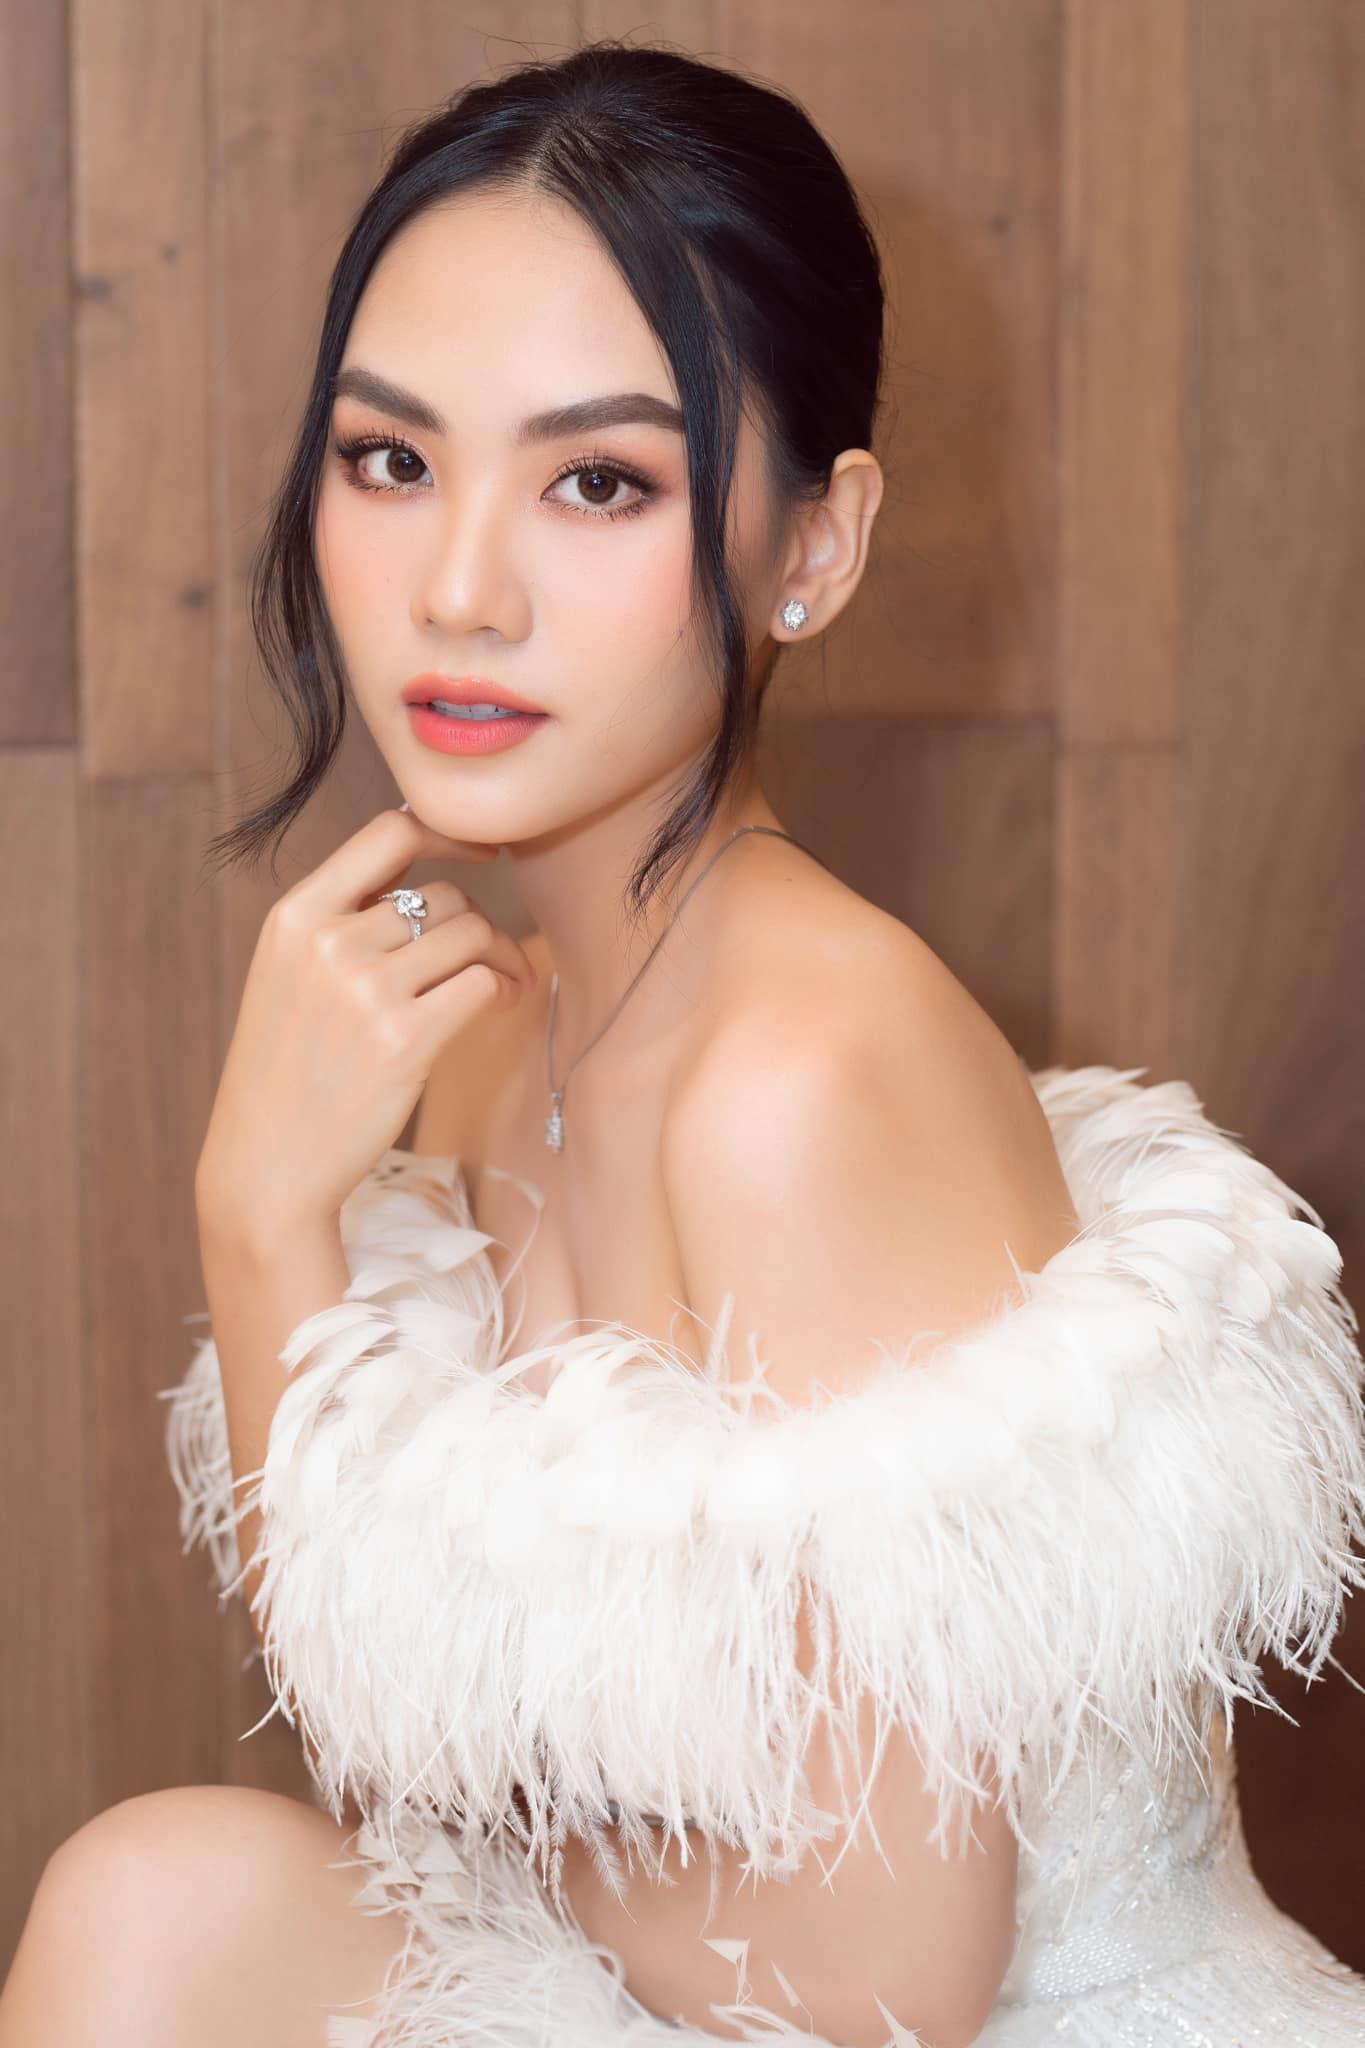 Nhan sắc mỹ nhân 9x lọt top 5 Hoa hậu Việt Nam tiếp tục Miss World Vietnam 2021 - Ảnh 4.